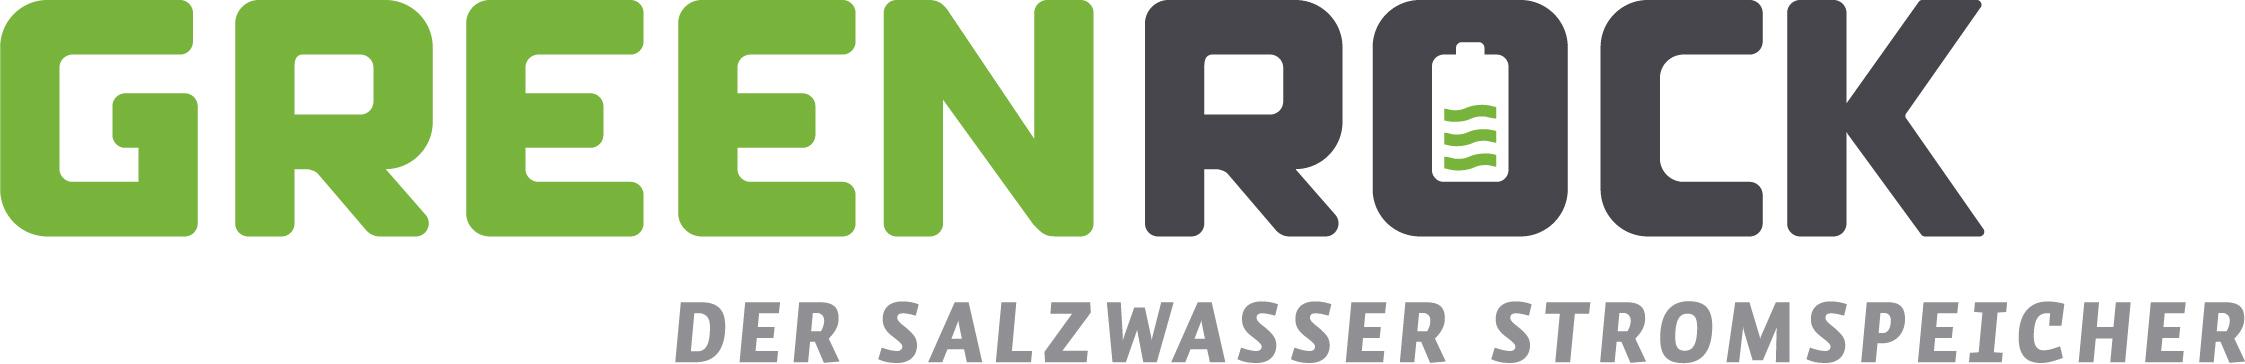 ecken GmbH & Green Rock